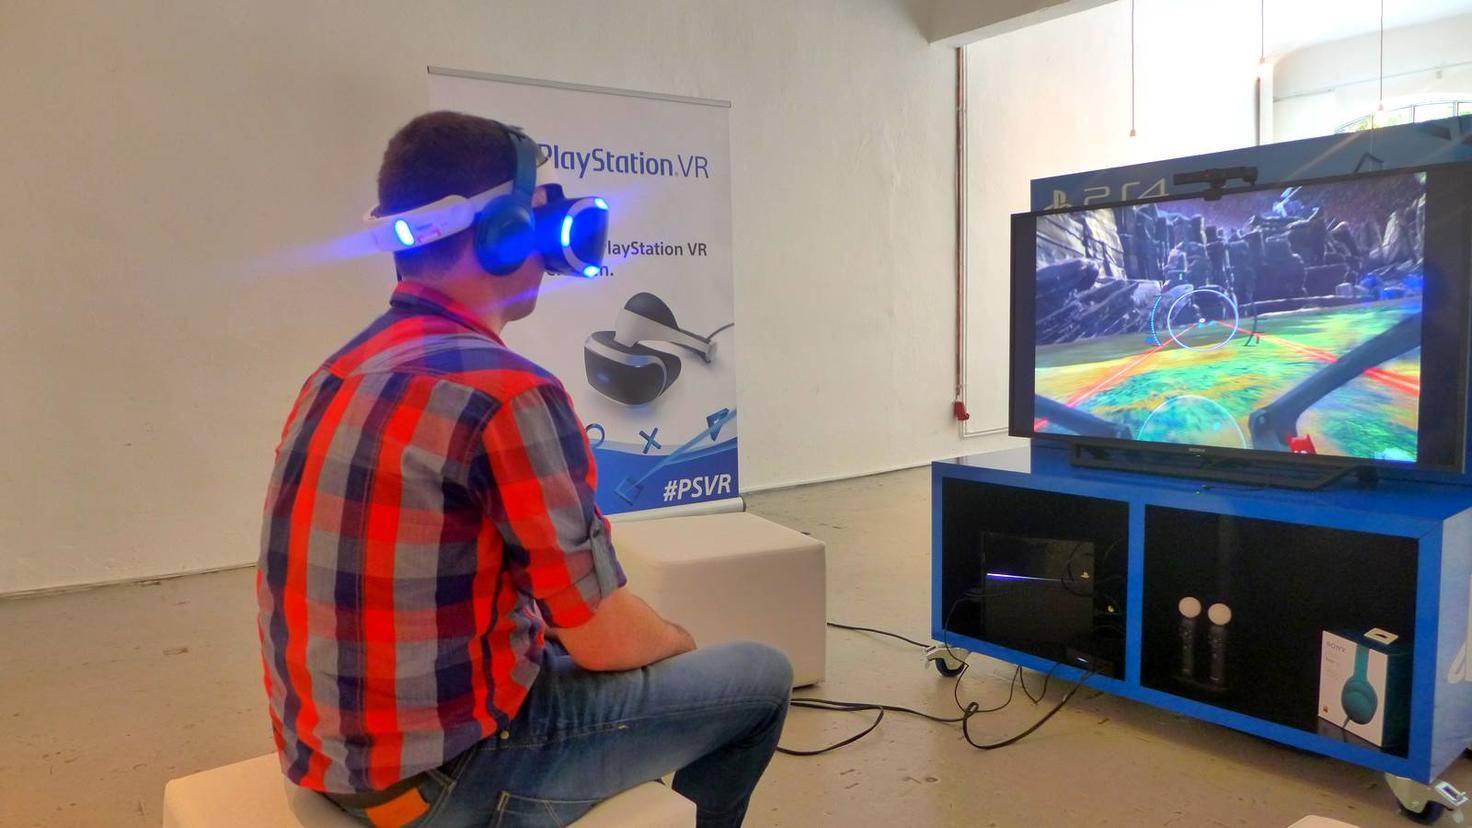 Playstation VR Event 03.JPG